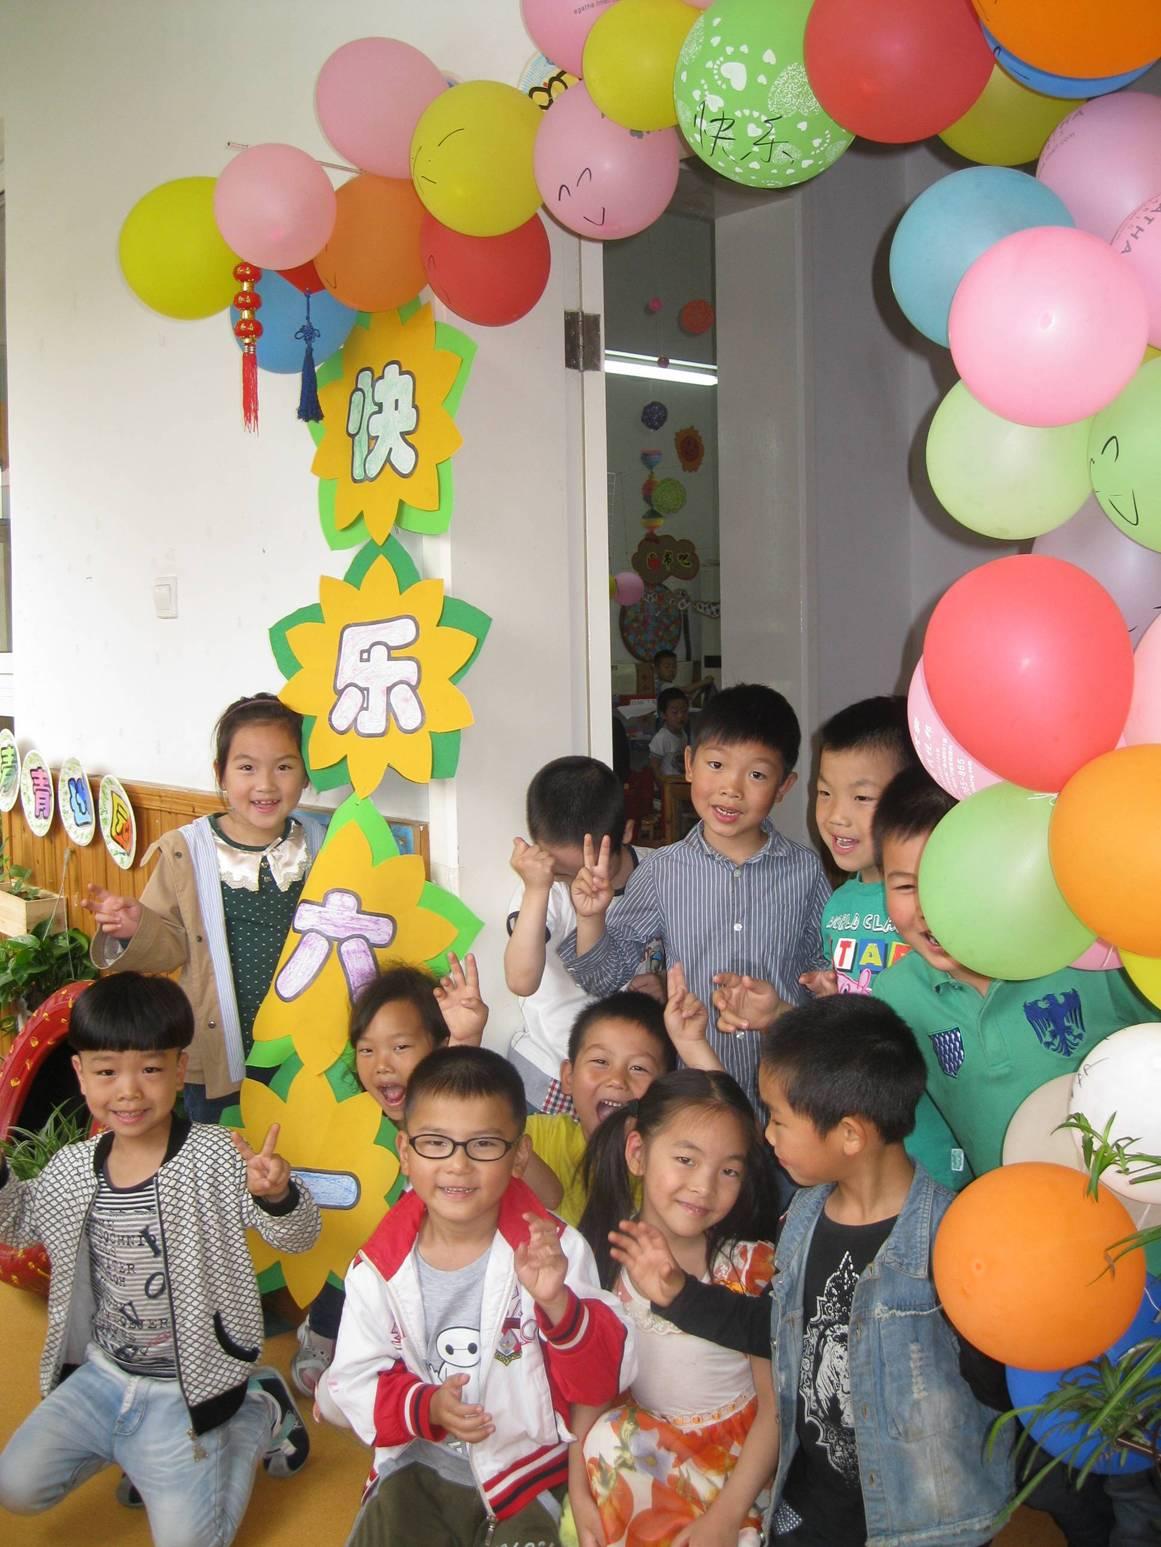 在此就让我们一起为六一国际儿童节喝彩把图片